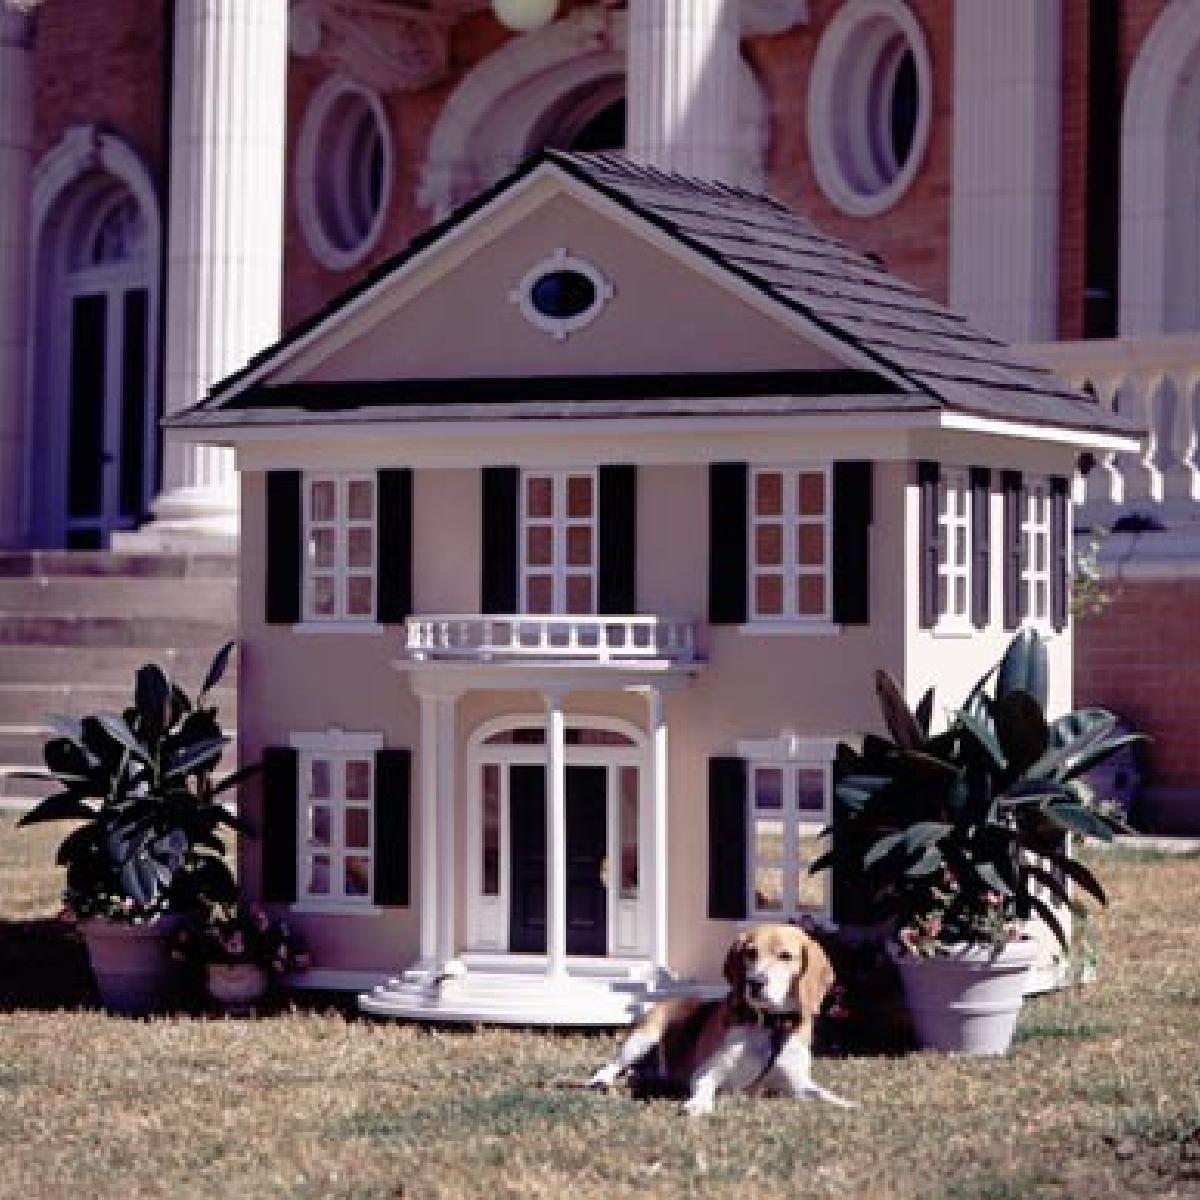 cadeaux 2 ouf id es de cadeaux insolites et originaux cadeau de r ve pour votre chien. Black Bedroom Furniture Sets. Home Design Ideas